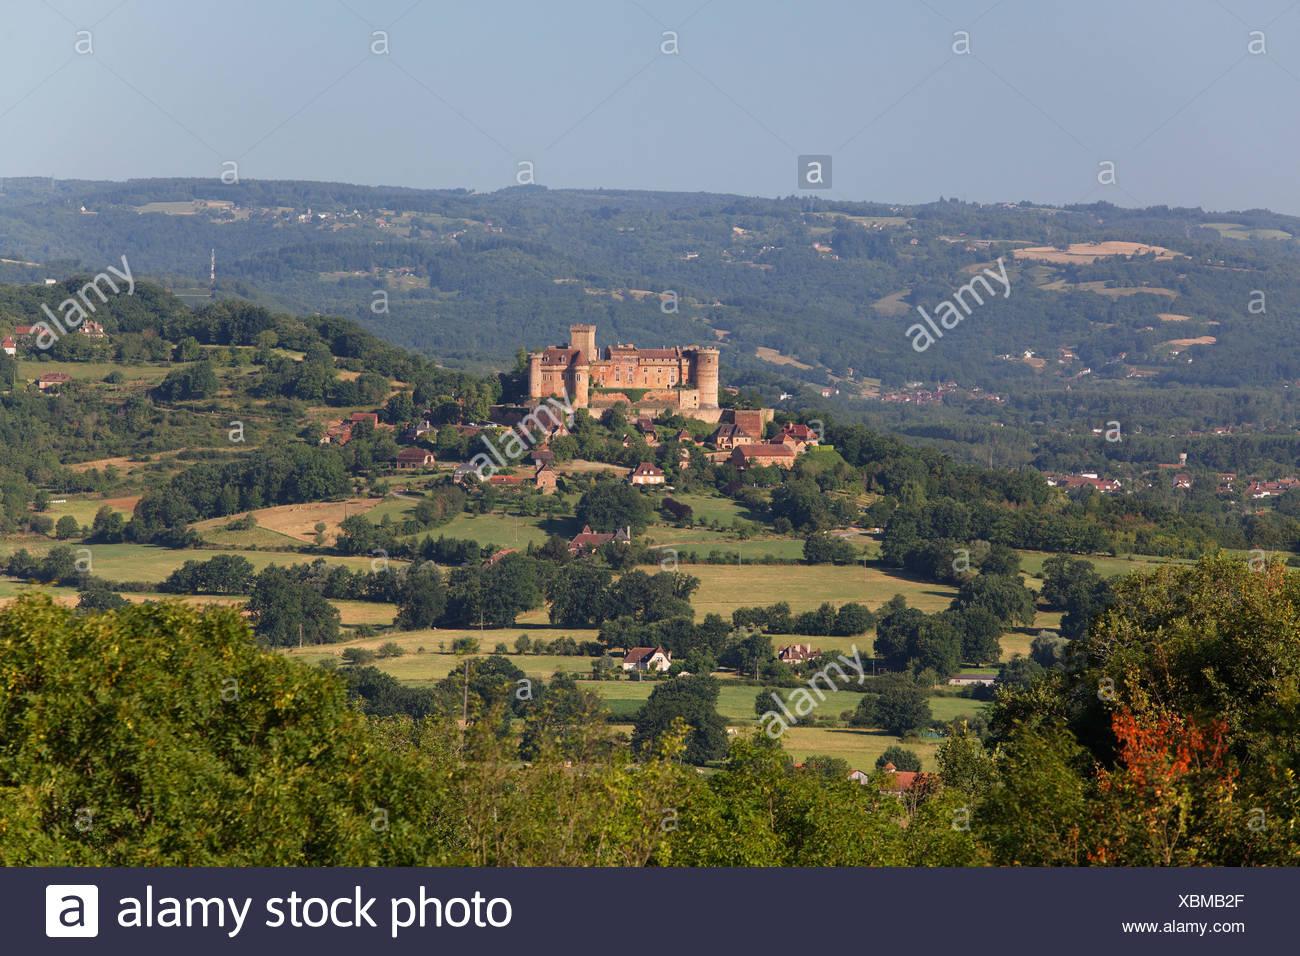 Chateau de Castelnau Bretenoux, Bretenoux, Vallee du Cere valley, Lot, France, Europe Stock Photo